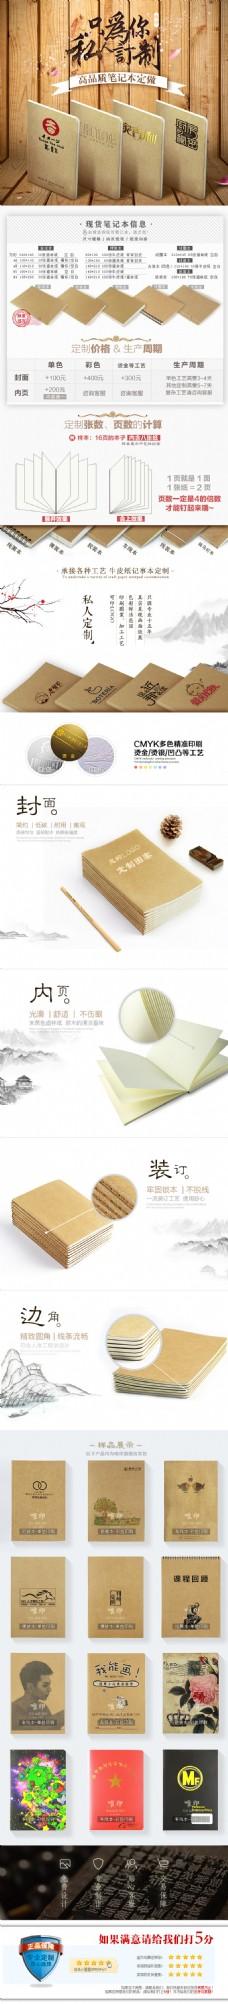 淘宝/天猫 笔记本记事本定制 详情页